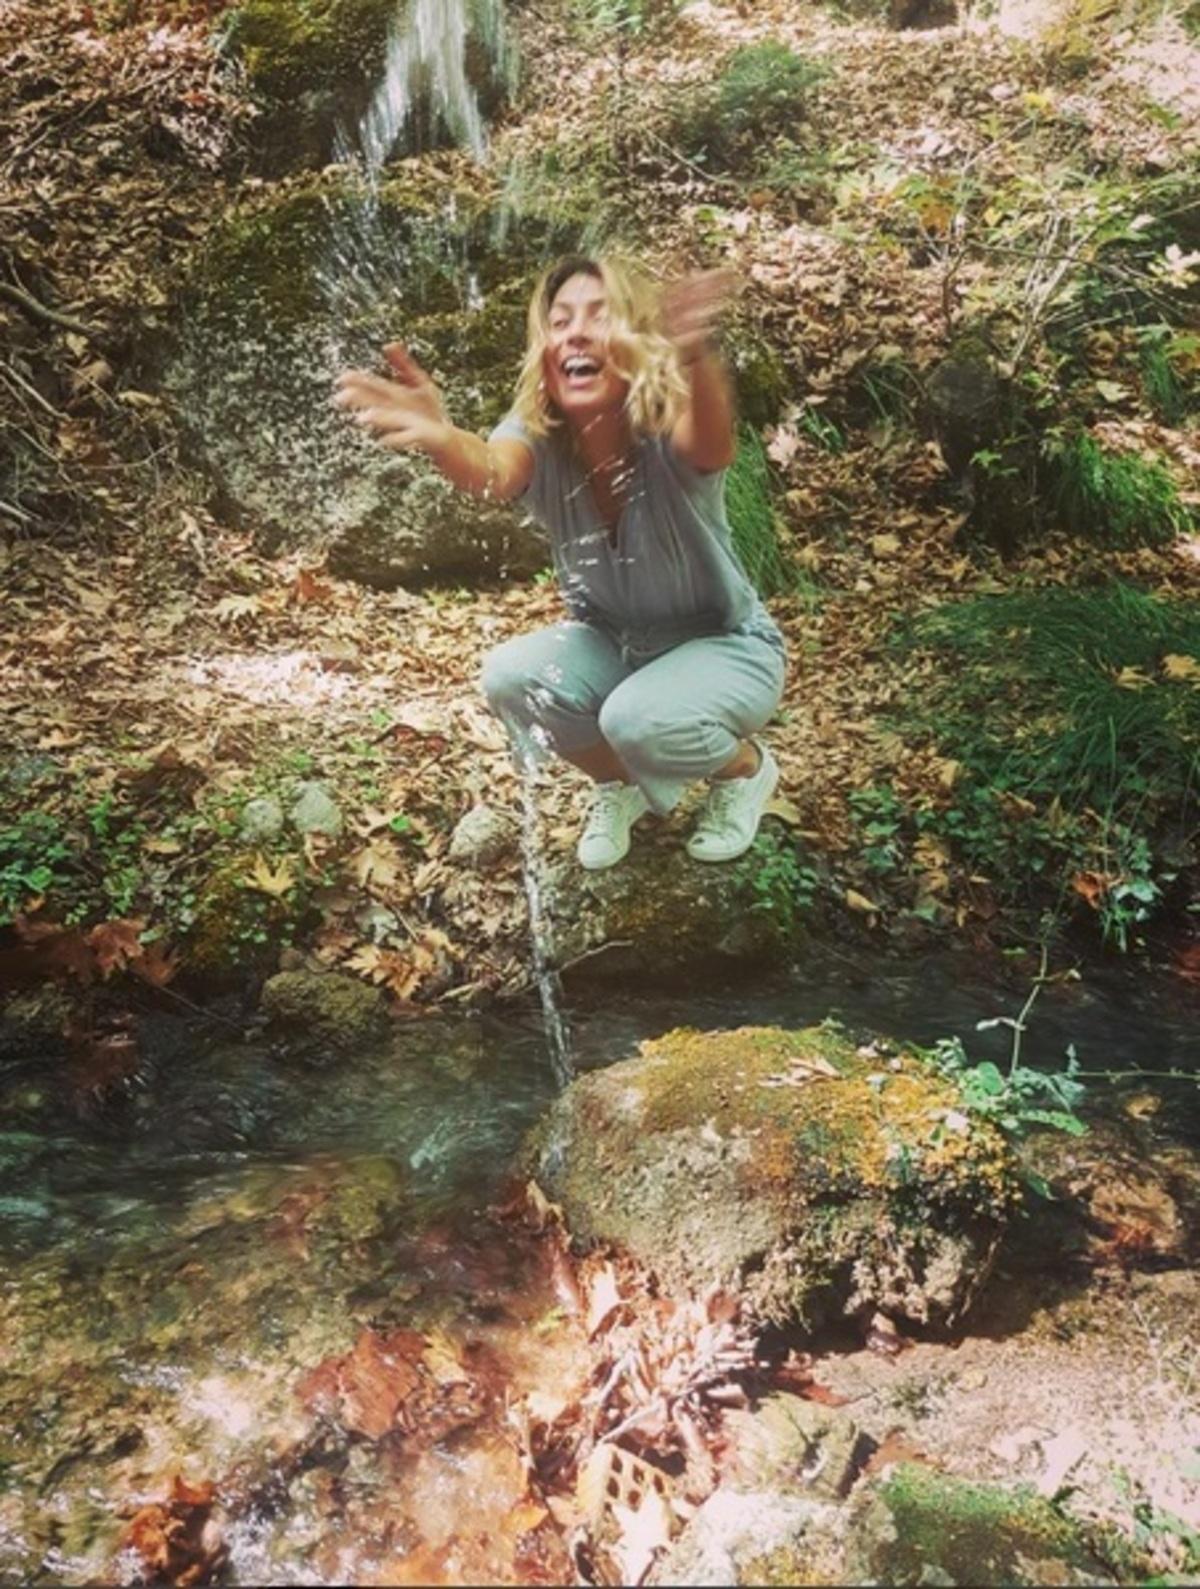 Μαρία Ηλιάκη: Η φωτογραφία από τα παιδικά της χρόνια μαρτυρά πως είχε τις ίδιες συνήθειες με τώρα! | Newsit.gr